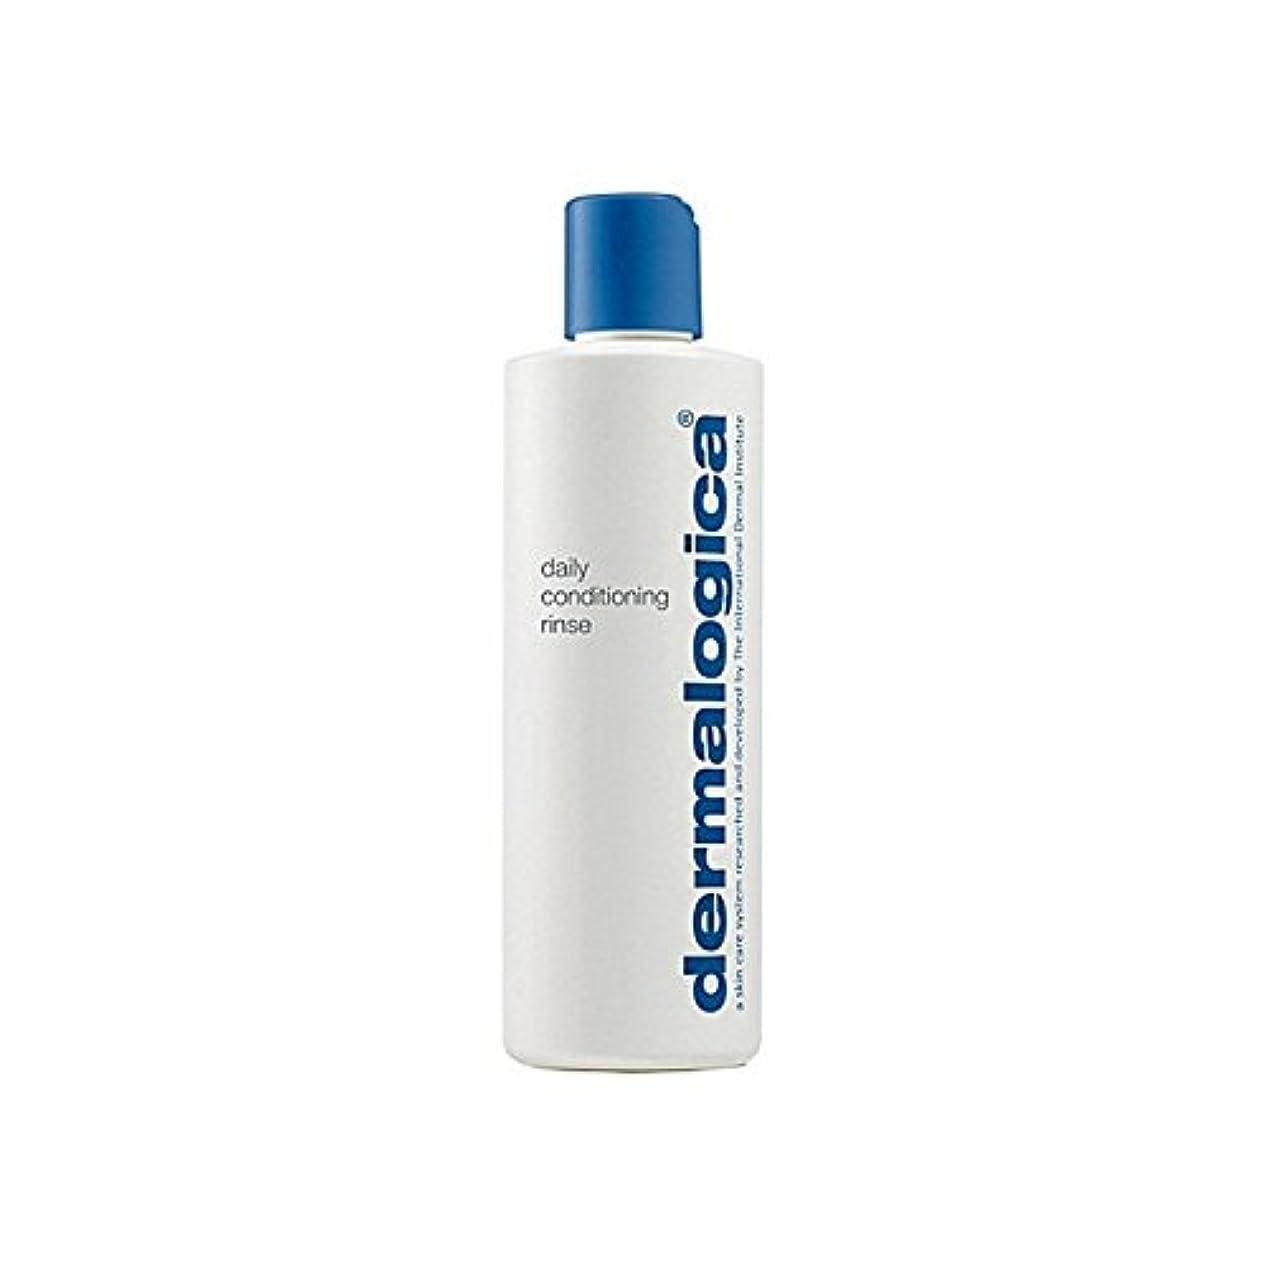 兵器庫困難残基Dermalogica Daily Conditioning Rinse 50ml (Pack of 6) - ダーマロジカ毎日コンディショニングリンス50ミリリットル x6 [並行輸入品]